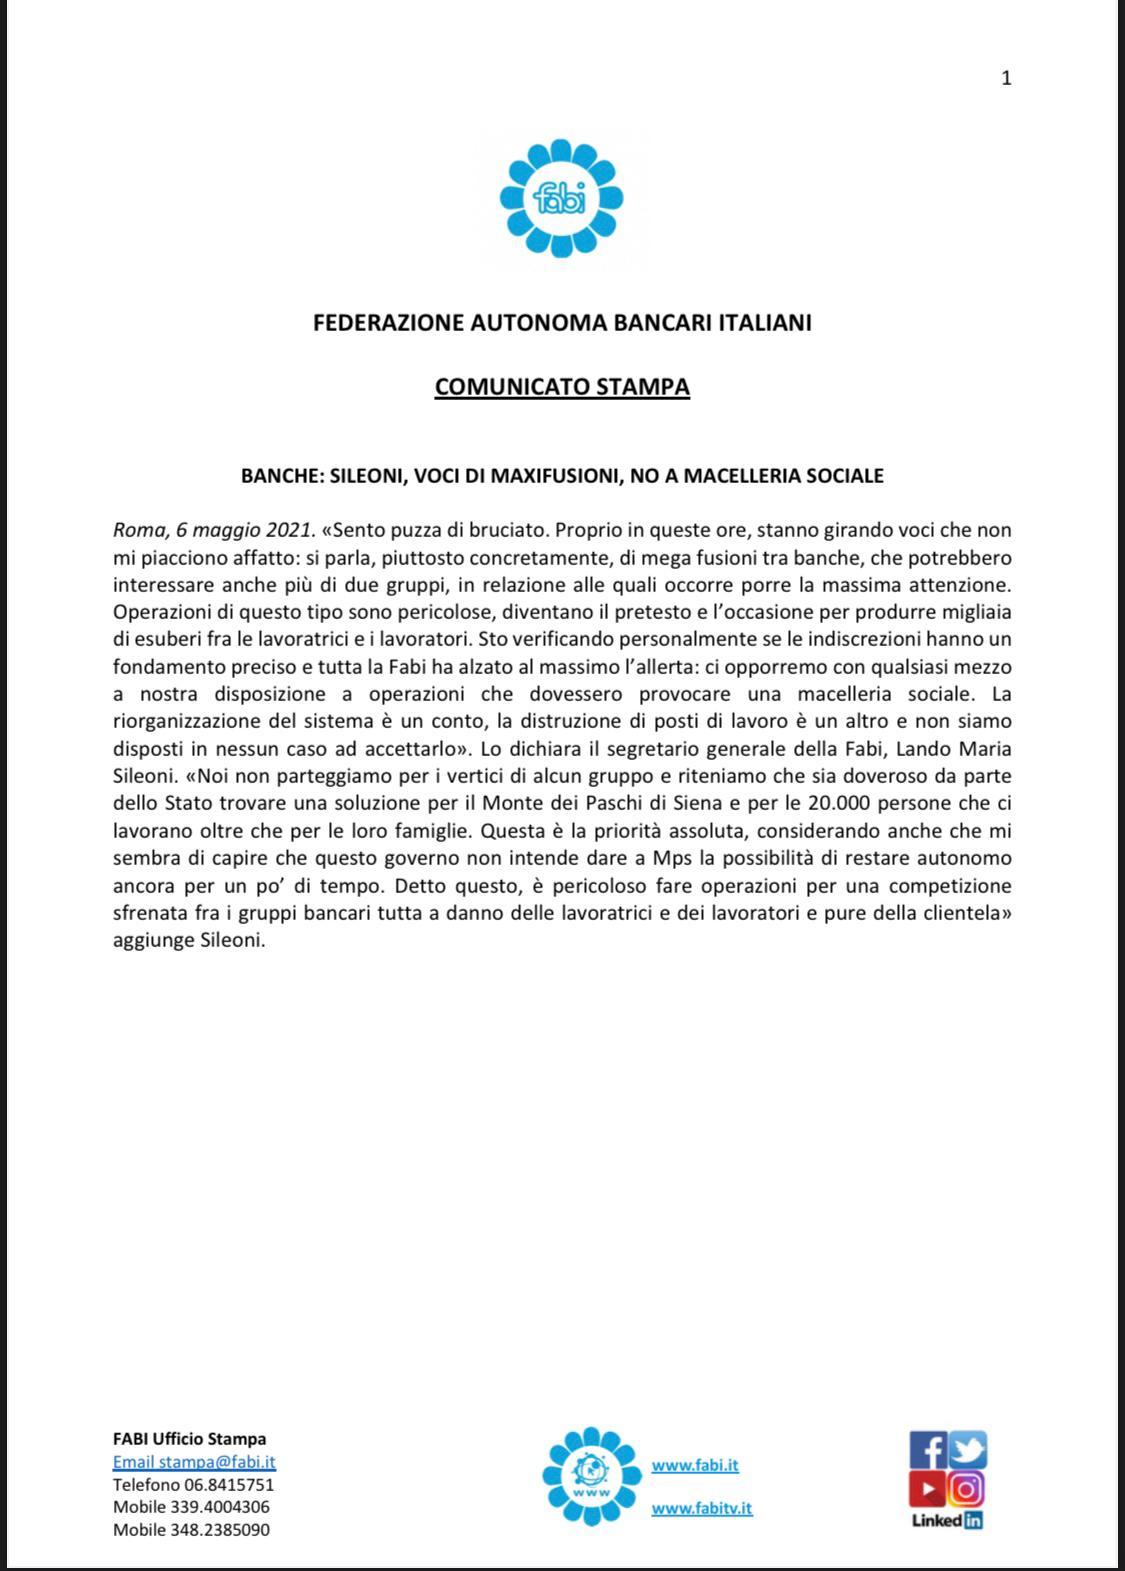 «VOCI DI MAXIFUSIONI TRA BANCHE, NO A MACELLERIA SOCIALE»